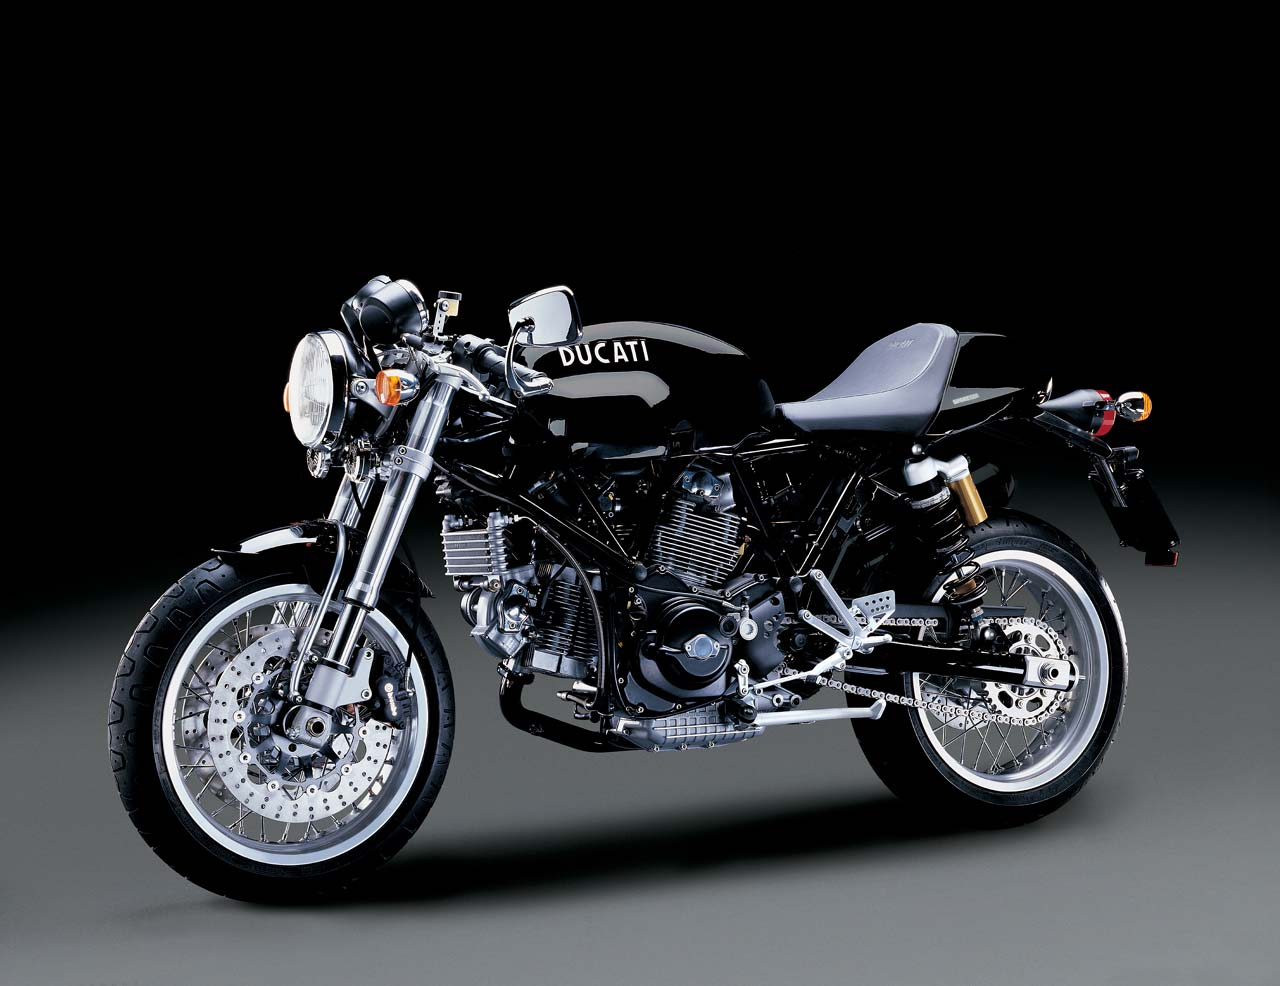 ducati sport 1000 from tron legacy motor pinterest